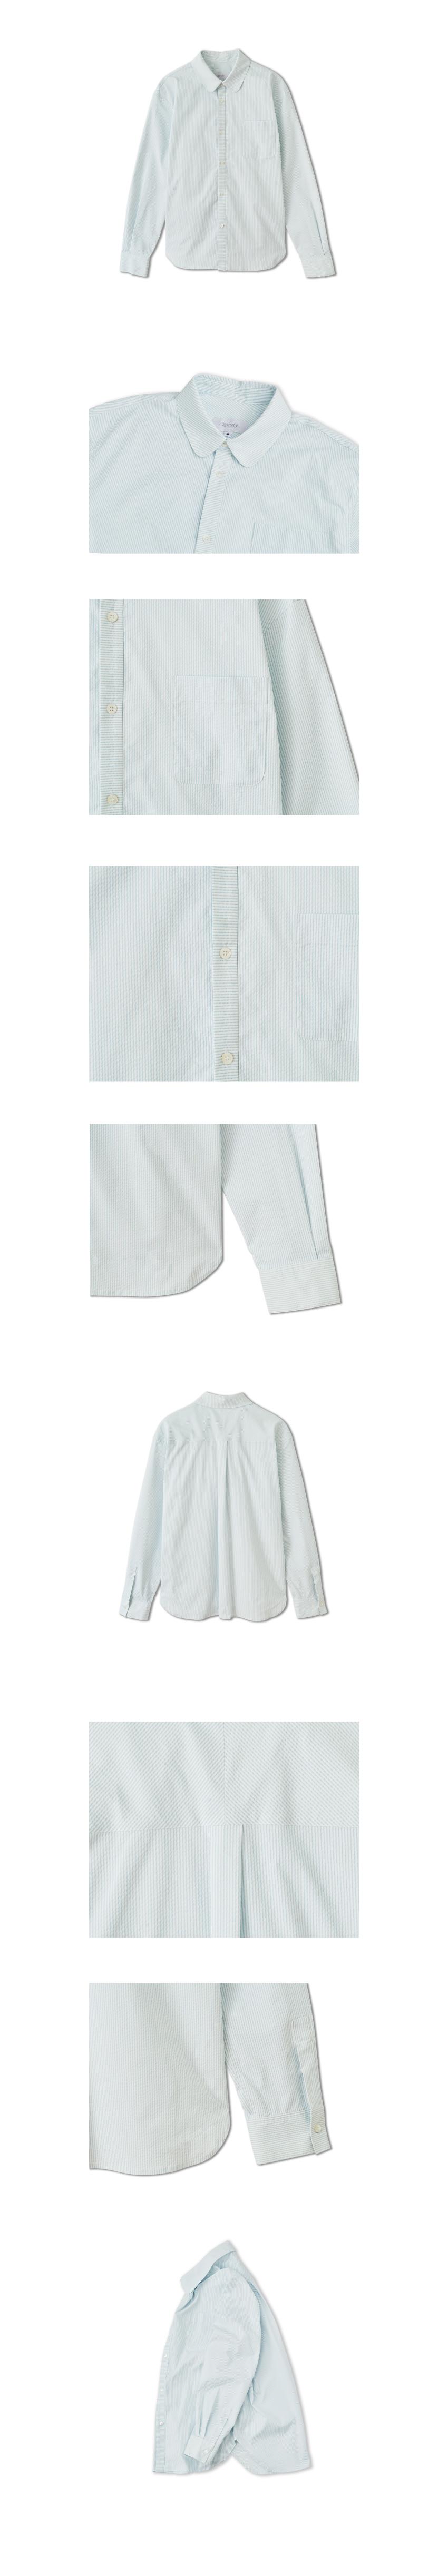 로사이어티(ROCIETY) 라운드 칼라 스트라이프 셔츠